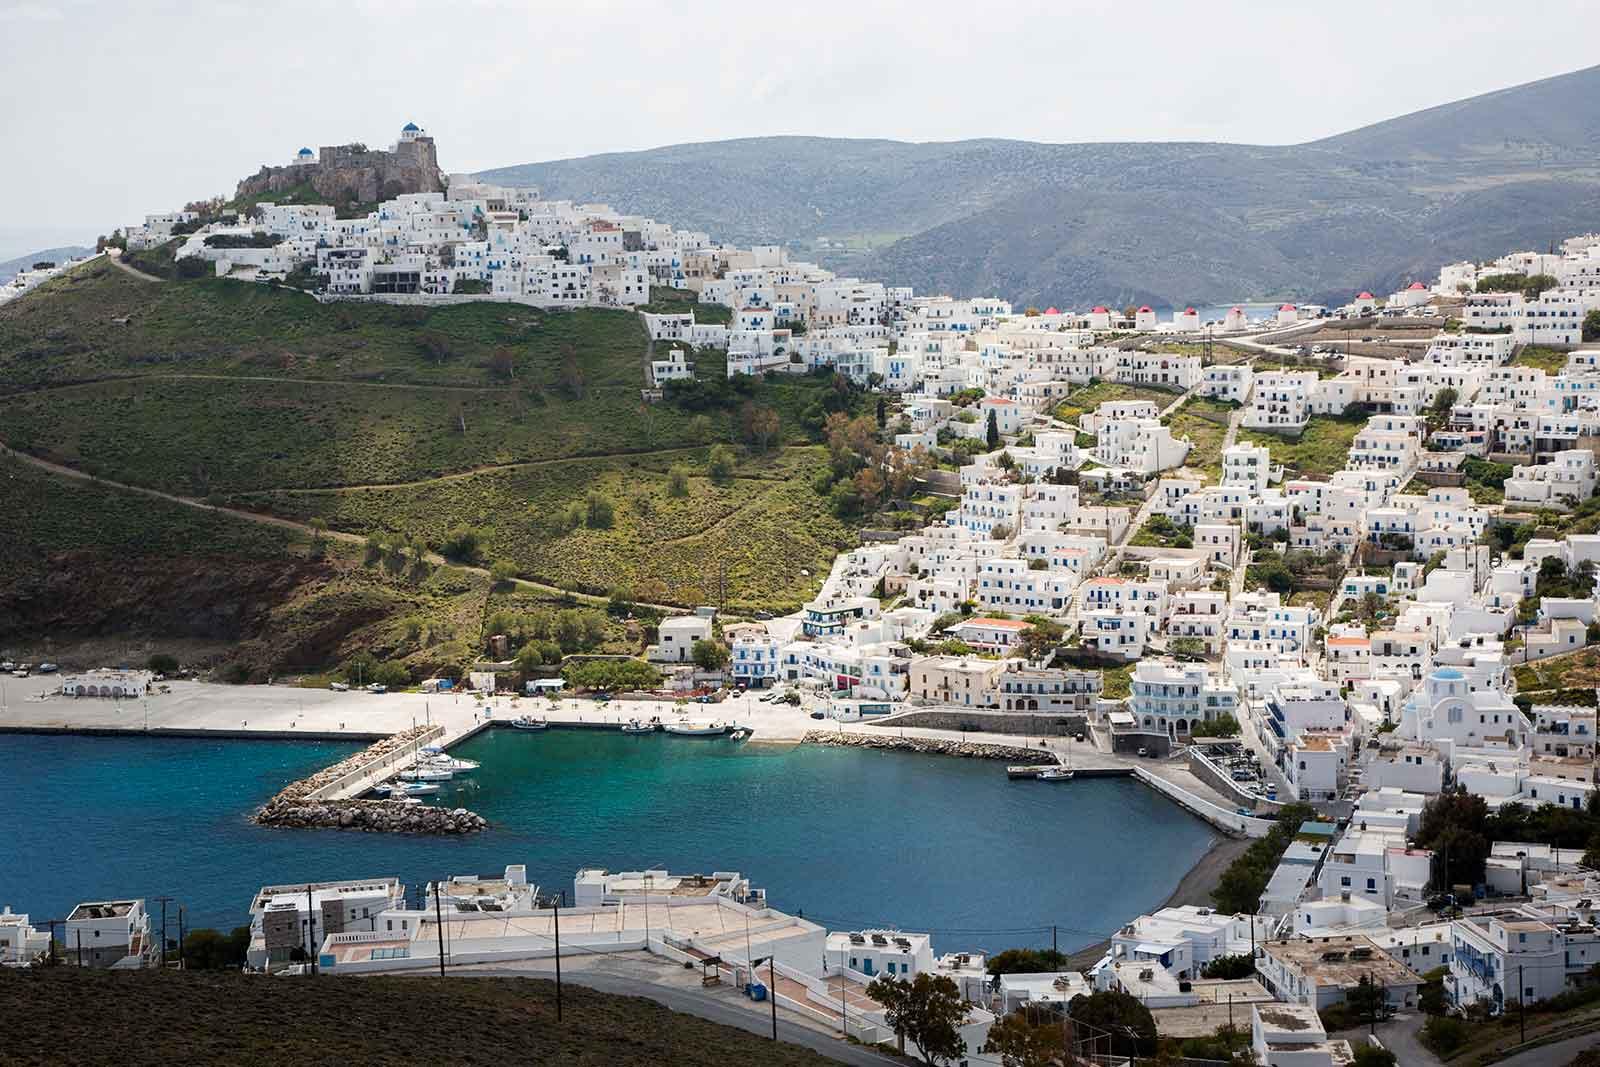 Chora sorprende a los visitantes con su arquitectura única. Las casas blancas, con sus ventanas azules, balcones de madera y escaleras exteriores, le dan un encanto tradicional griego.